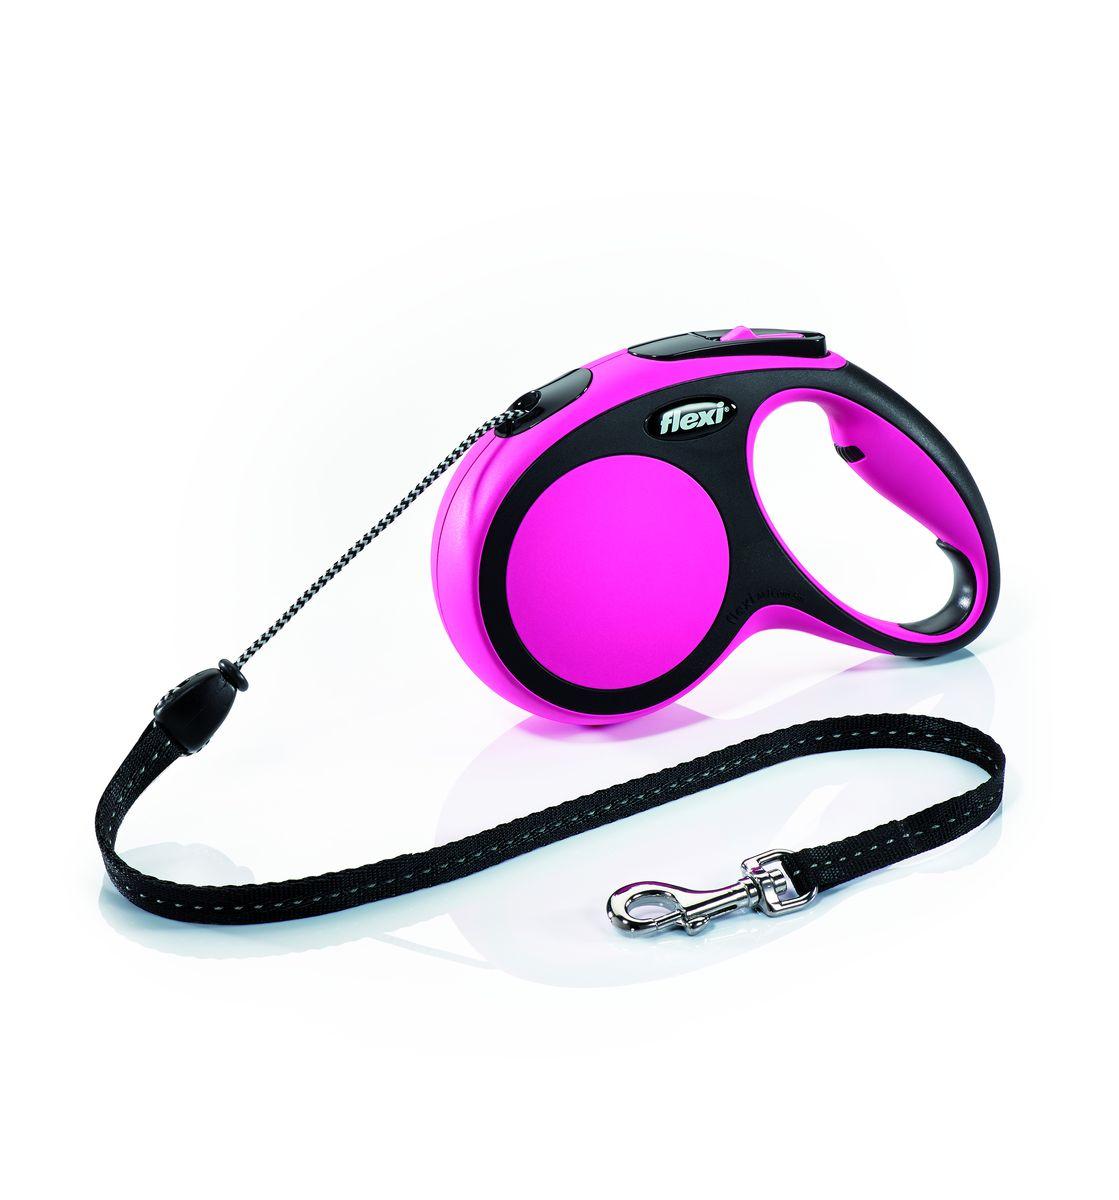 Поводок-рулетка Flexi New Comfort М, трос, для собак весом до 20 кг, цвет: черный, розовый, 5 м28919Тросовый поводок-рулетка обеспечивает каждой собаке свободу движения, что идет на пользу здоровью и радует вашего четвероногого друга. Рулетка очень проста в использовании. Оснащена кнопками кратковременной и постоянной фиксации. Рулетку можно оснастить - мультибоксом для лакомств или пакетиков для сбора фекалий, LED подсветкой корпуса.Прочный корпус, хромированная застежка и светоотражающие элементы.На рукоятке имеется колесико позволяющее адаптировать размер рукоятки под размер рукиДлина 5 м.Для собак весом до 20 кг.